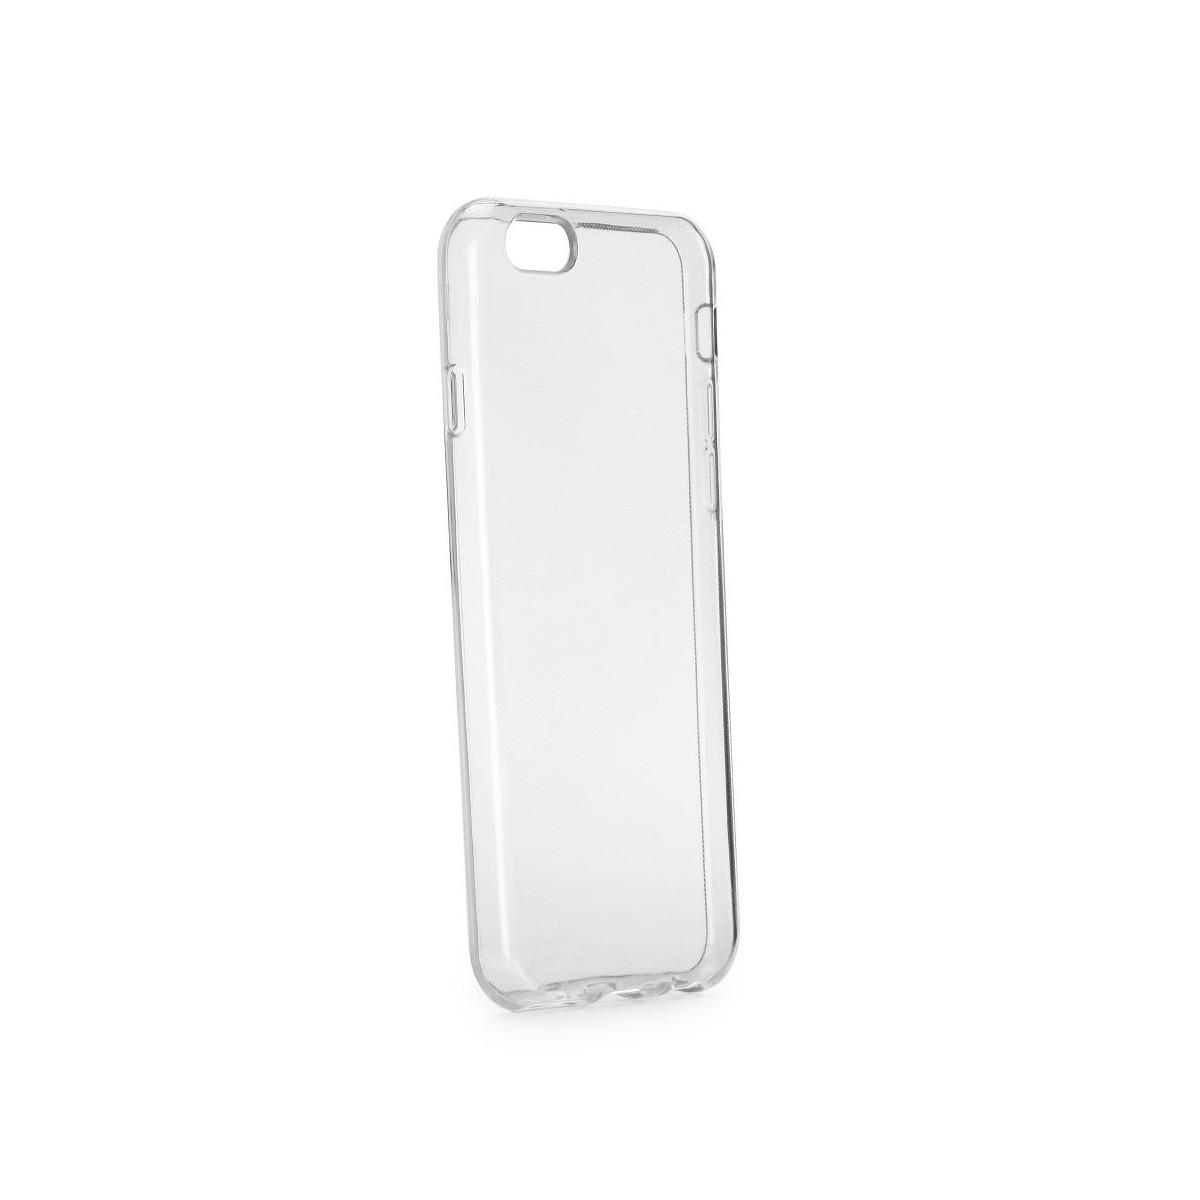 Coque iPhone 6 Plus / 6s Plus Transparente souple + Verre trempé - Crazy Kase